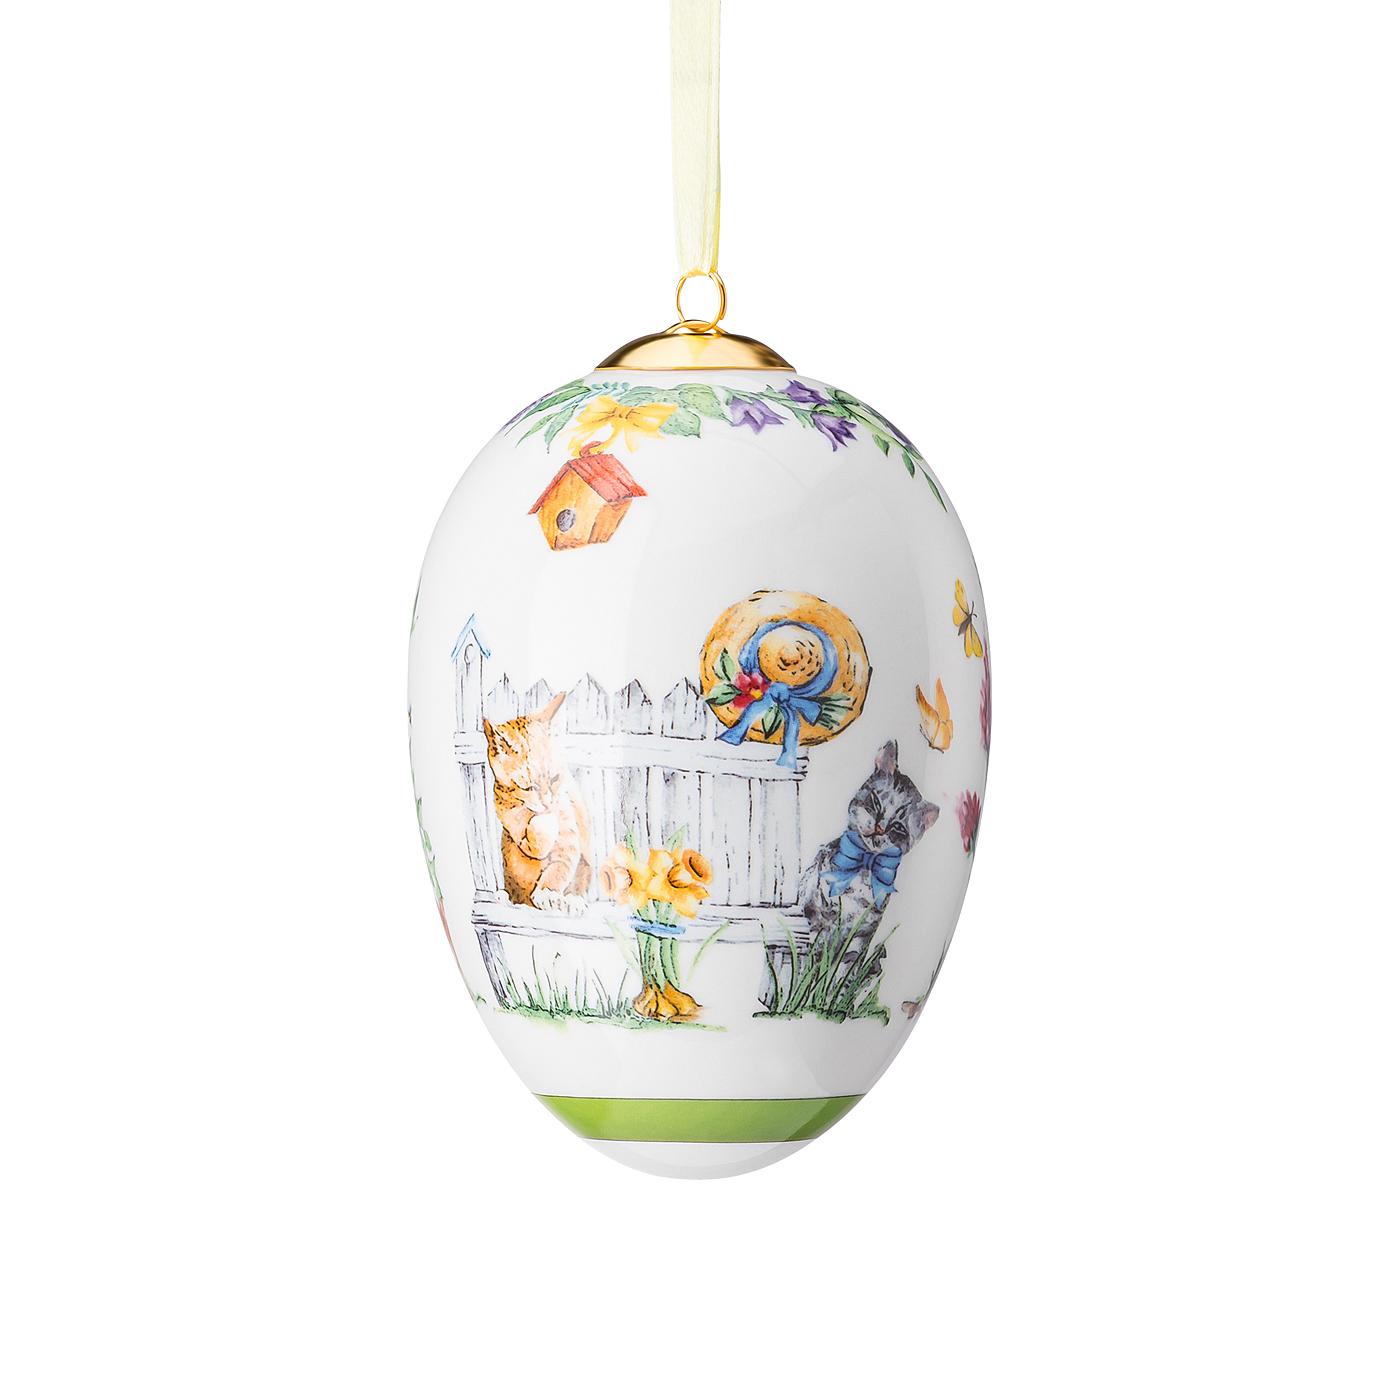 Porzellan-Midi-Ei Geschenkserie Kätzchen auf Holzbank Hutschenreuther